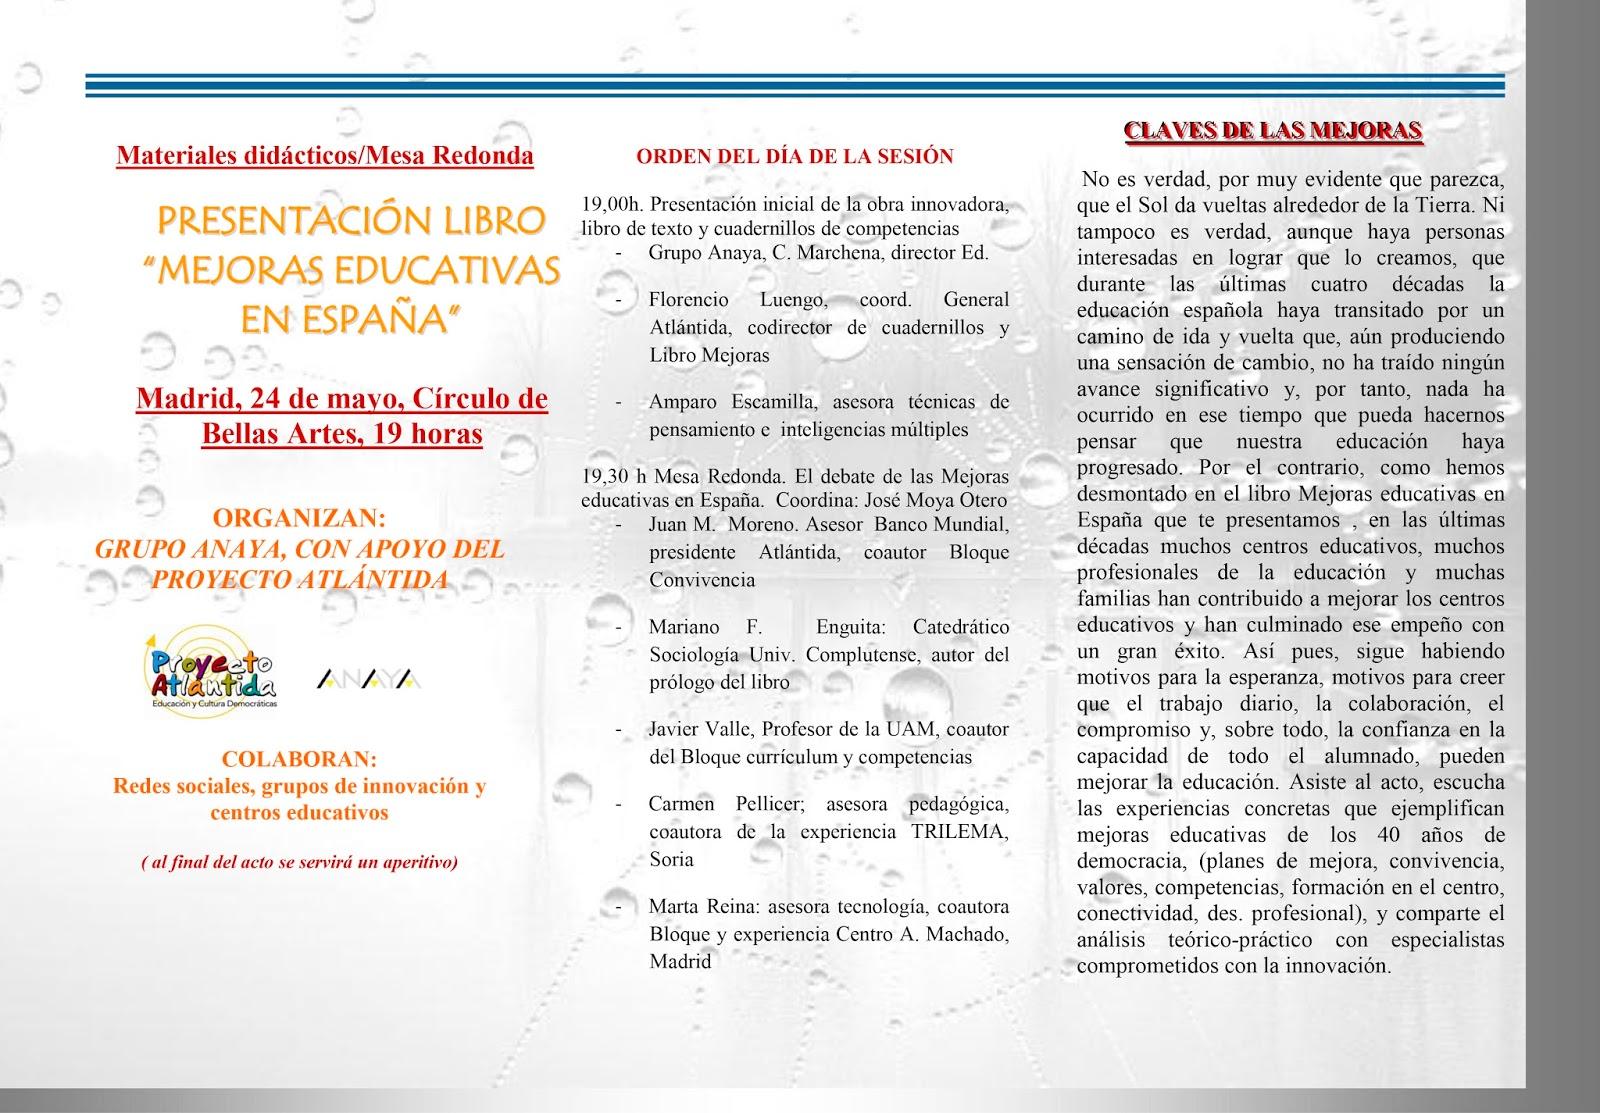 MareaVerde: 24-5-2017: Presentación del libro \